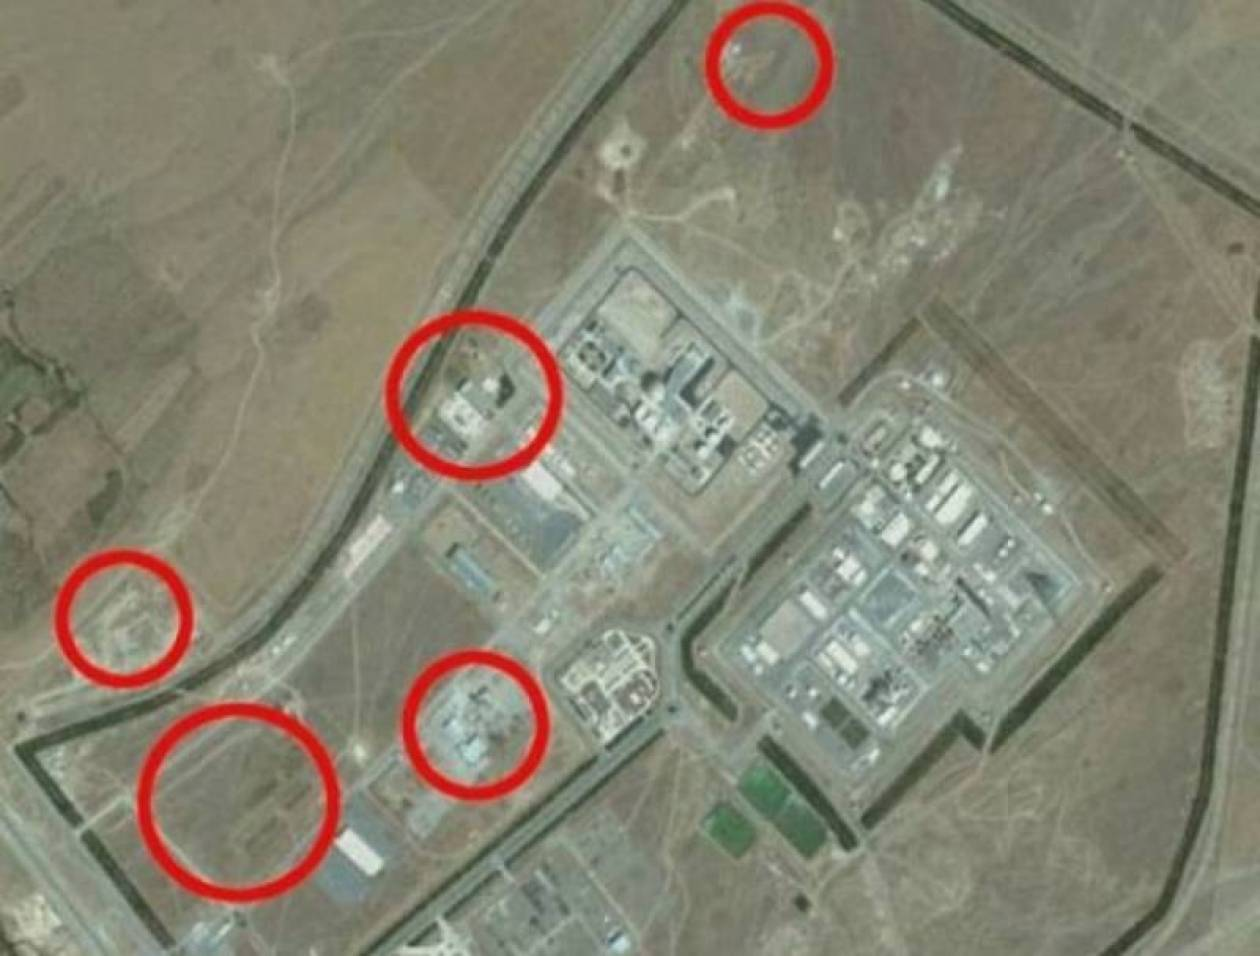 Η Google «ανακάλυψε» πυρηνικές εγκαταστάσεις στο Ιράν